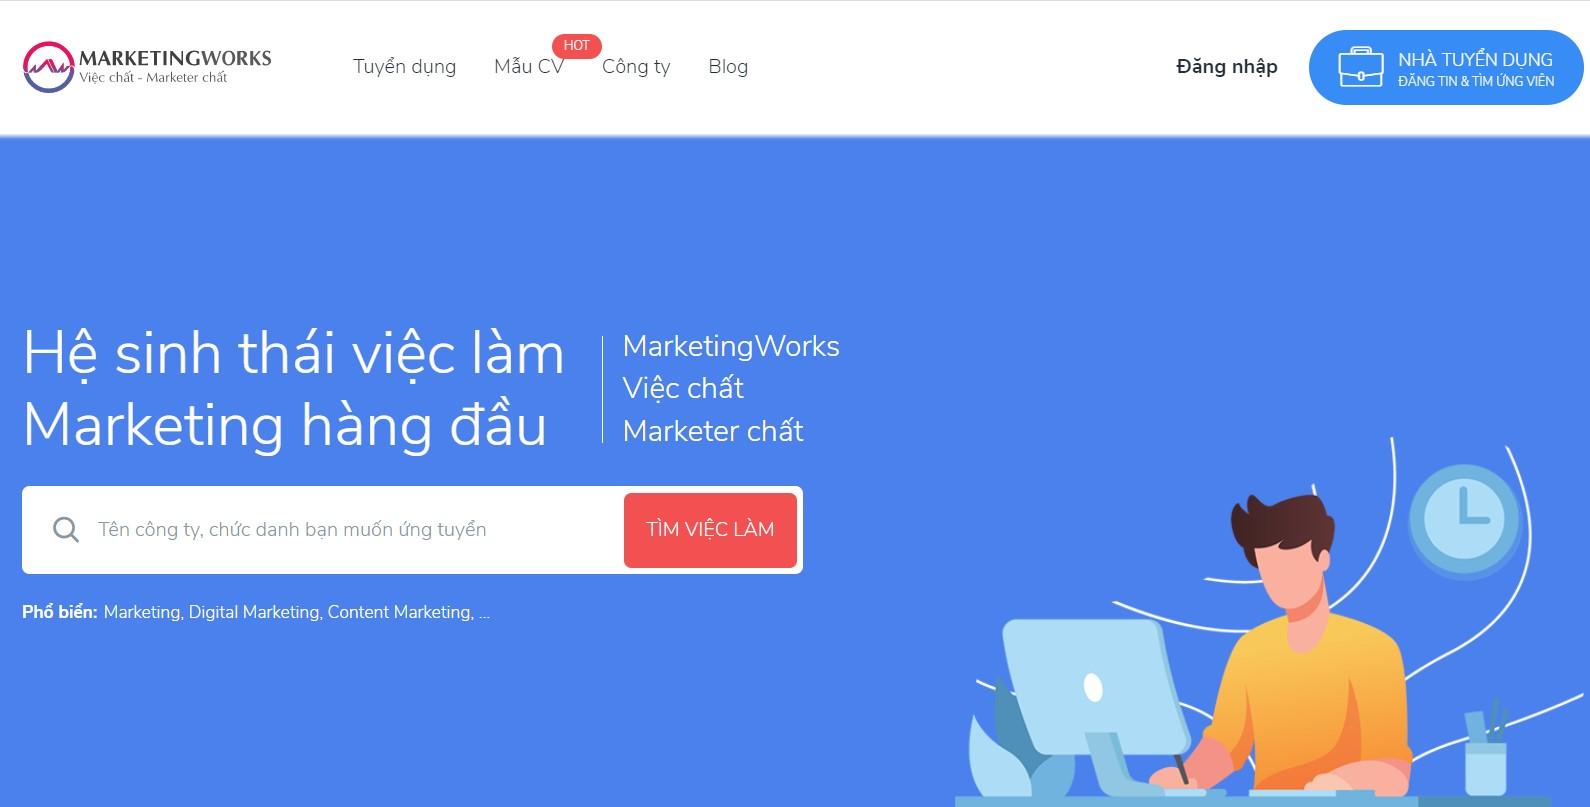 website tuyển dụng việc làm marketing